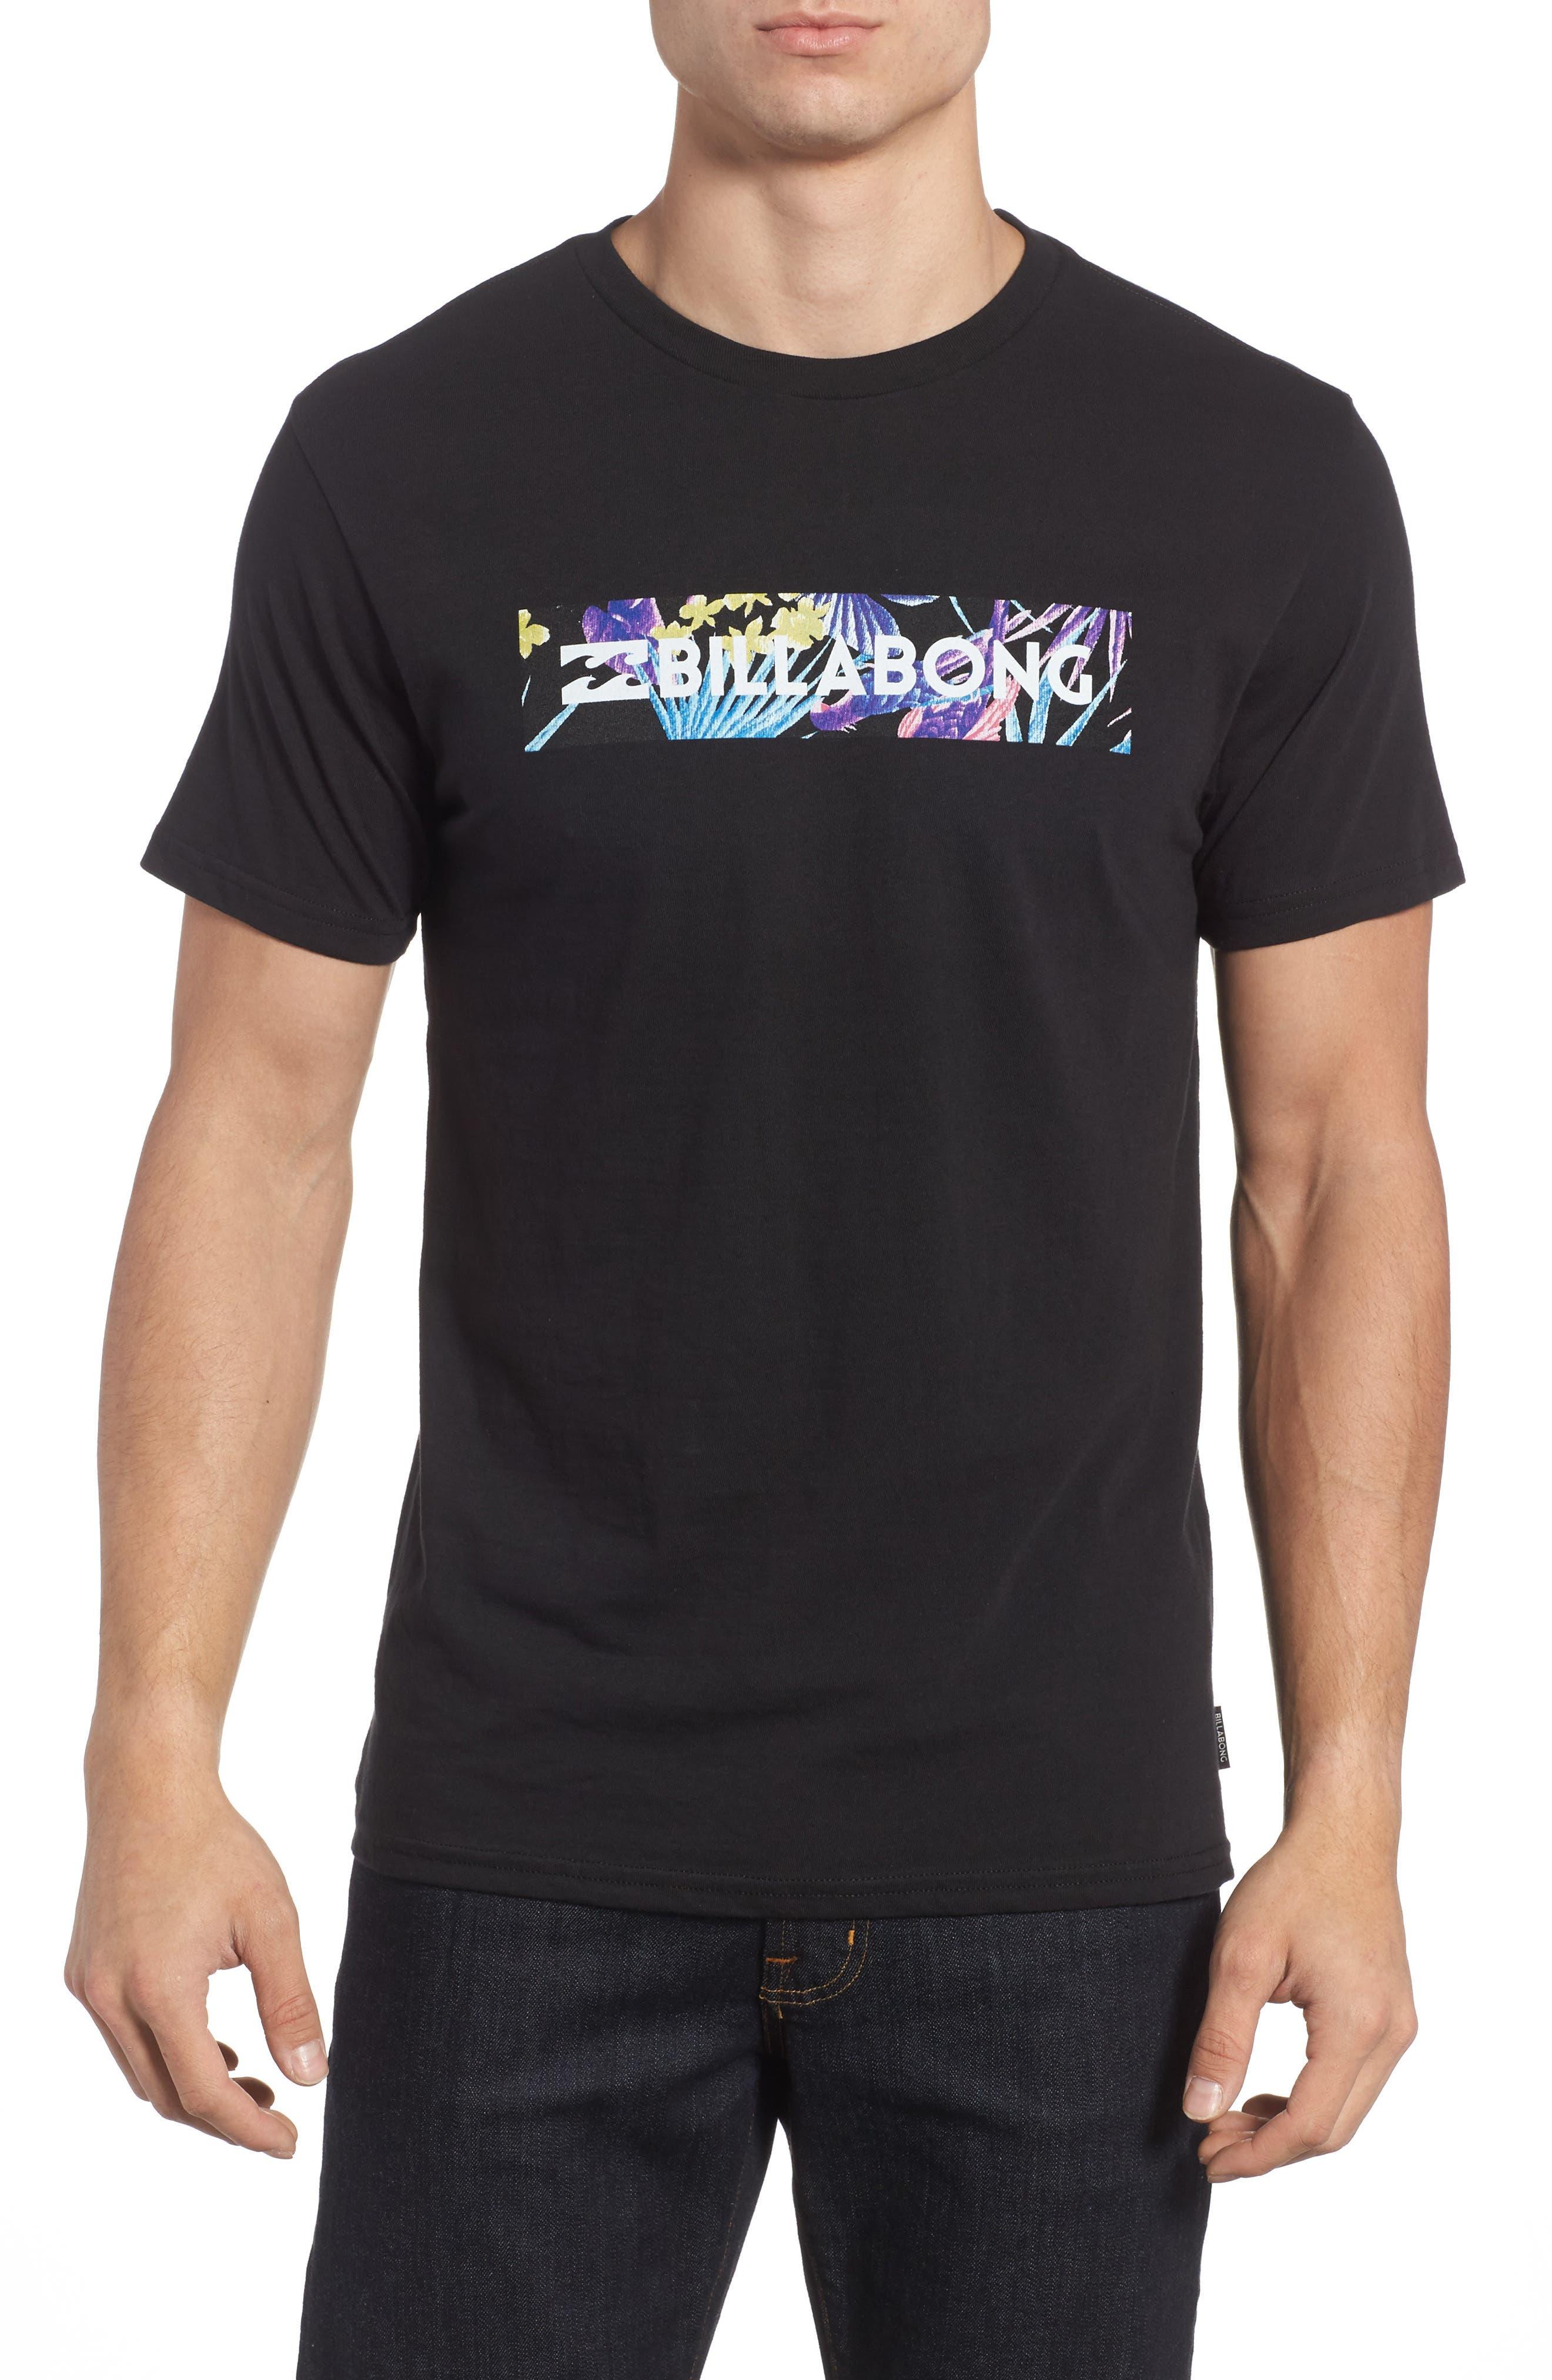 Main Image - Billabong Unity Block Graphic T-Shirt